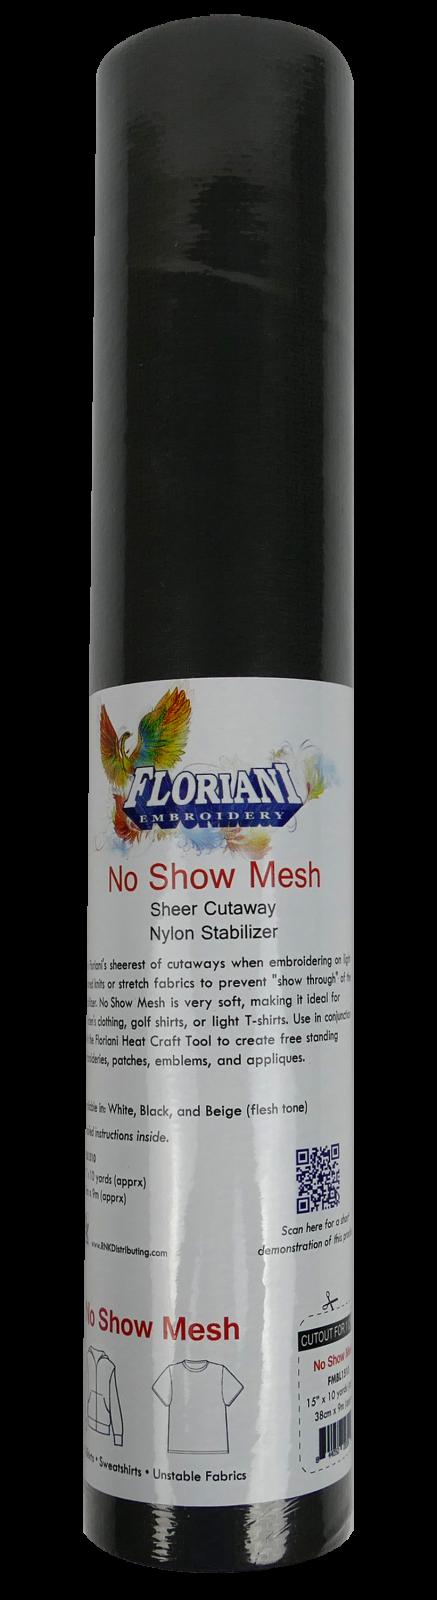 Floriani No Show Mesh Sheer Cutaway